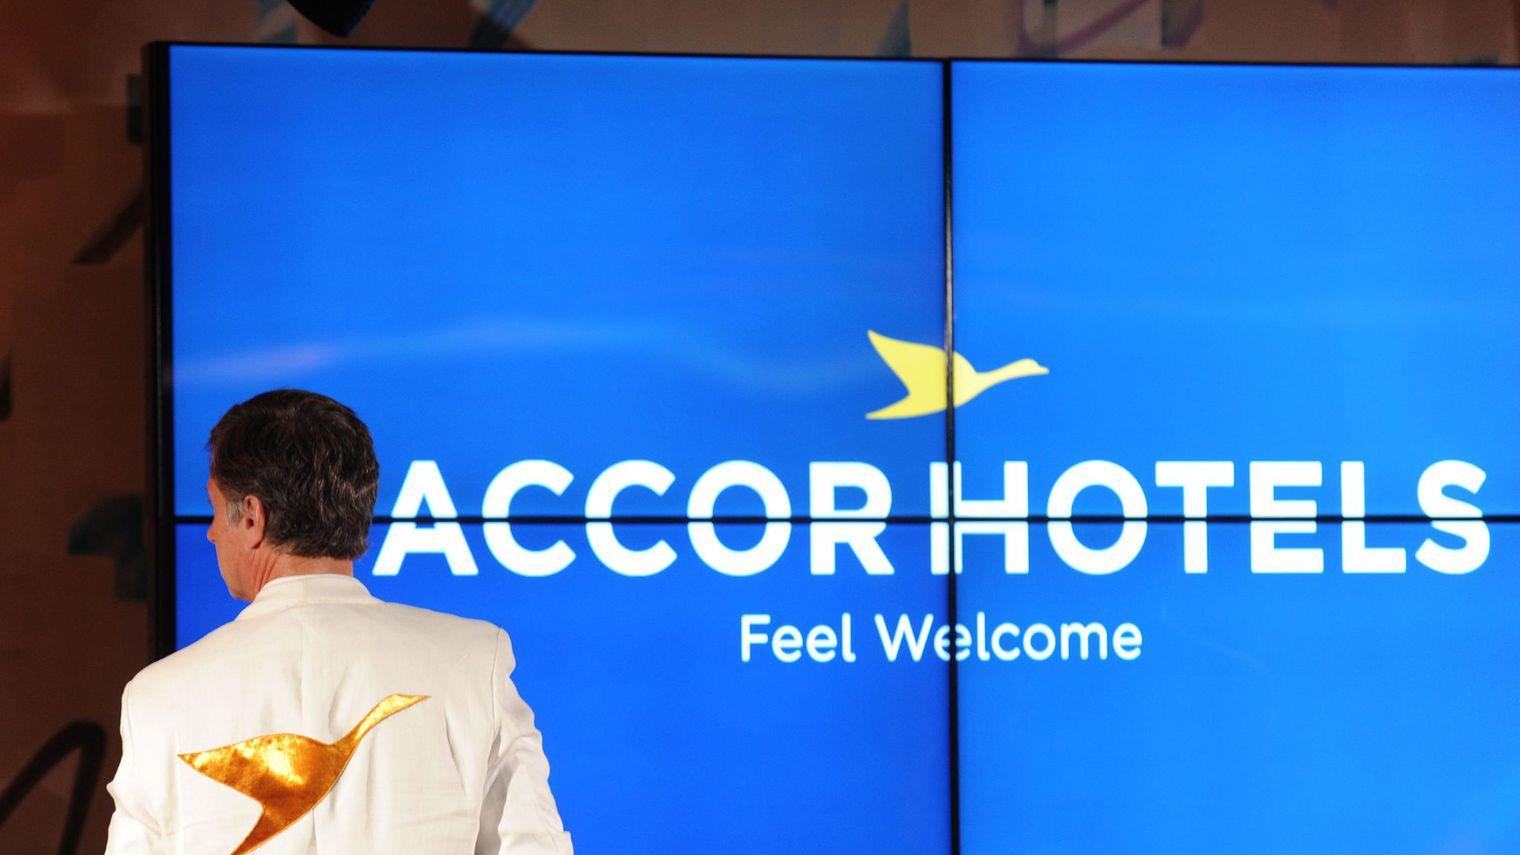 08465358-photo-accorhotels.jpg